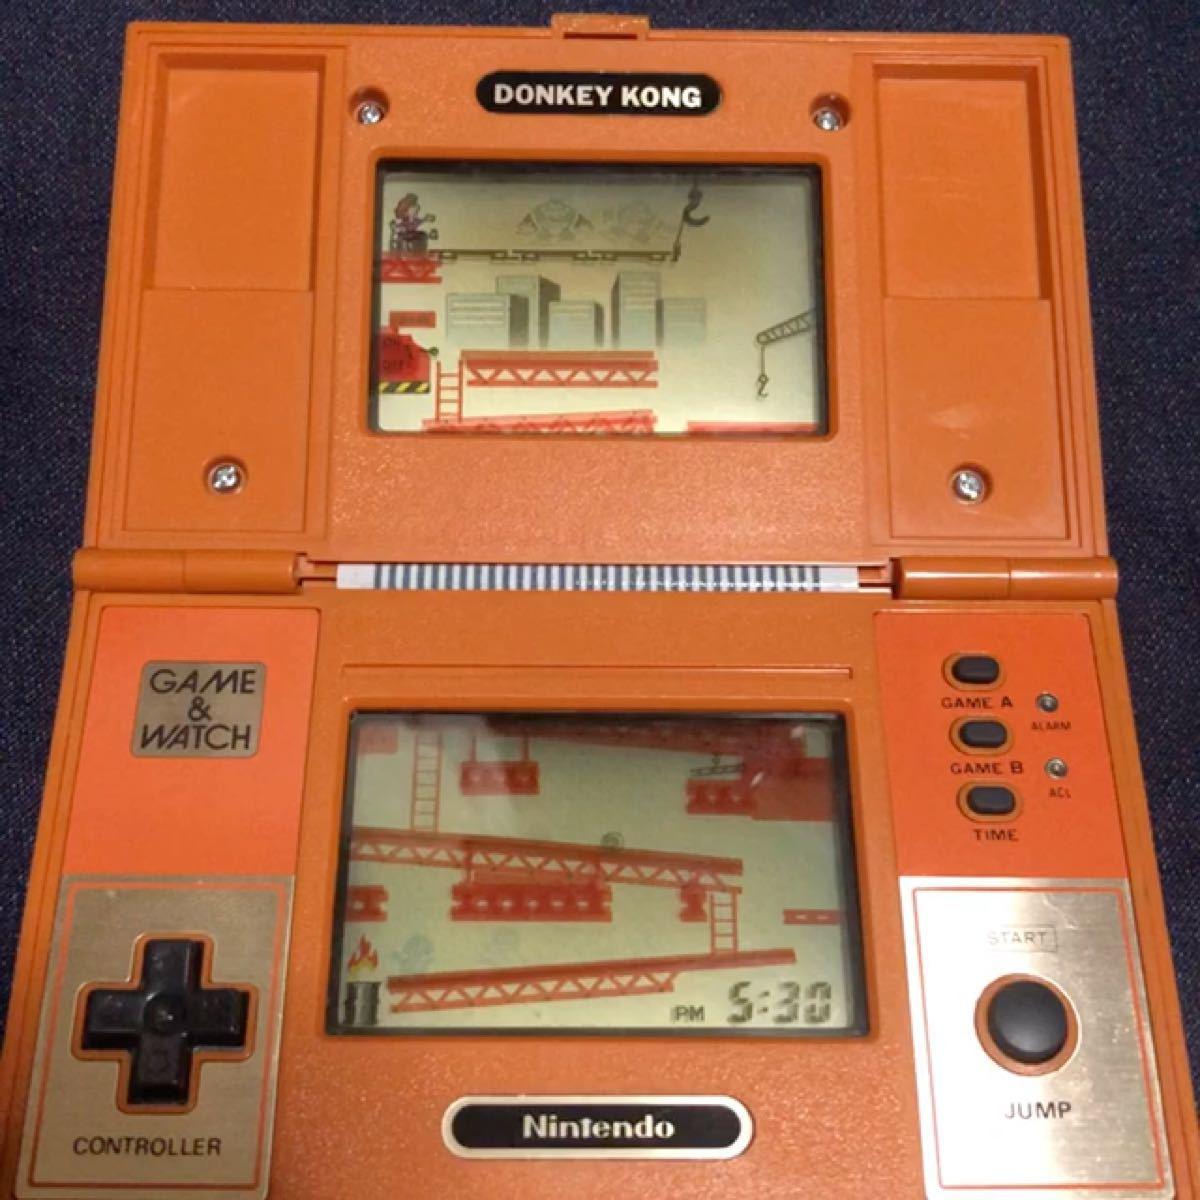 【希少】ドンキーコング ゲームウォッチ 昭和レトロ GAME&WATCH 任天堂ゲーム DONKEY KONG 新品電池付き